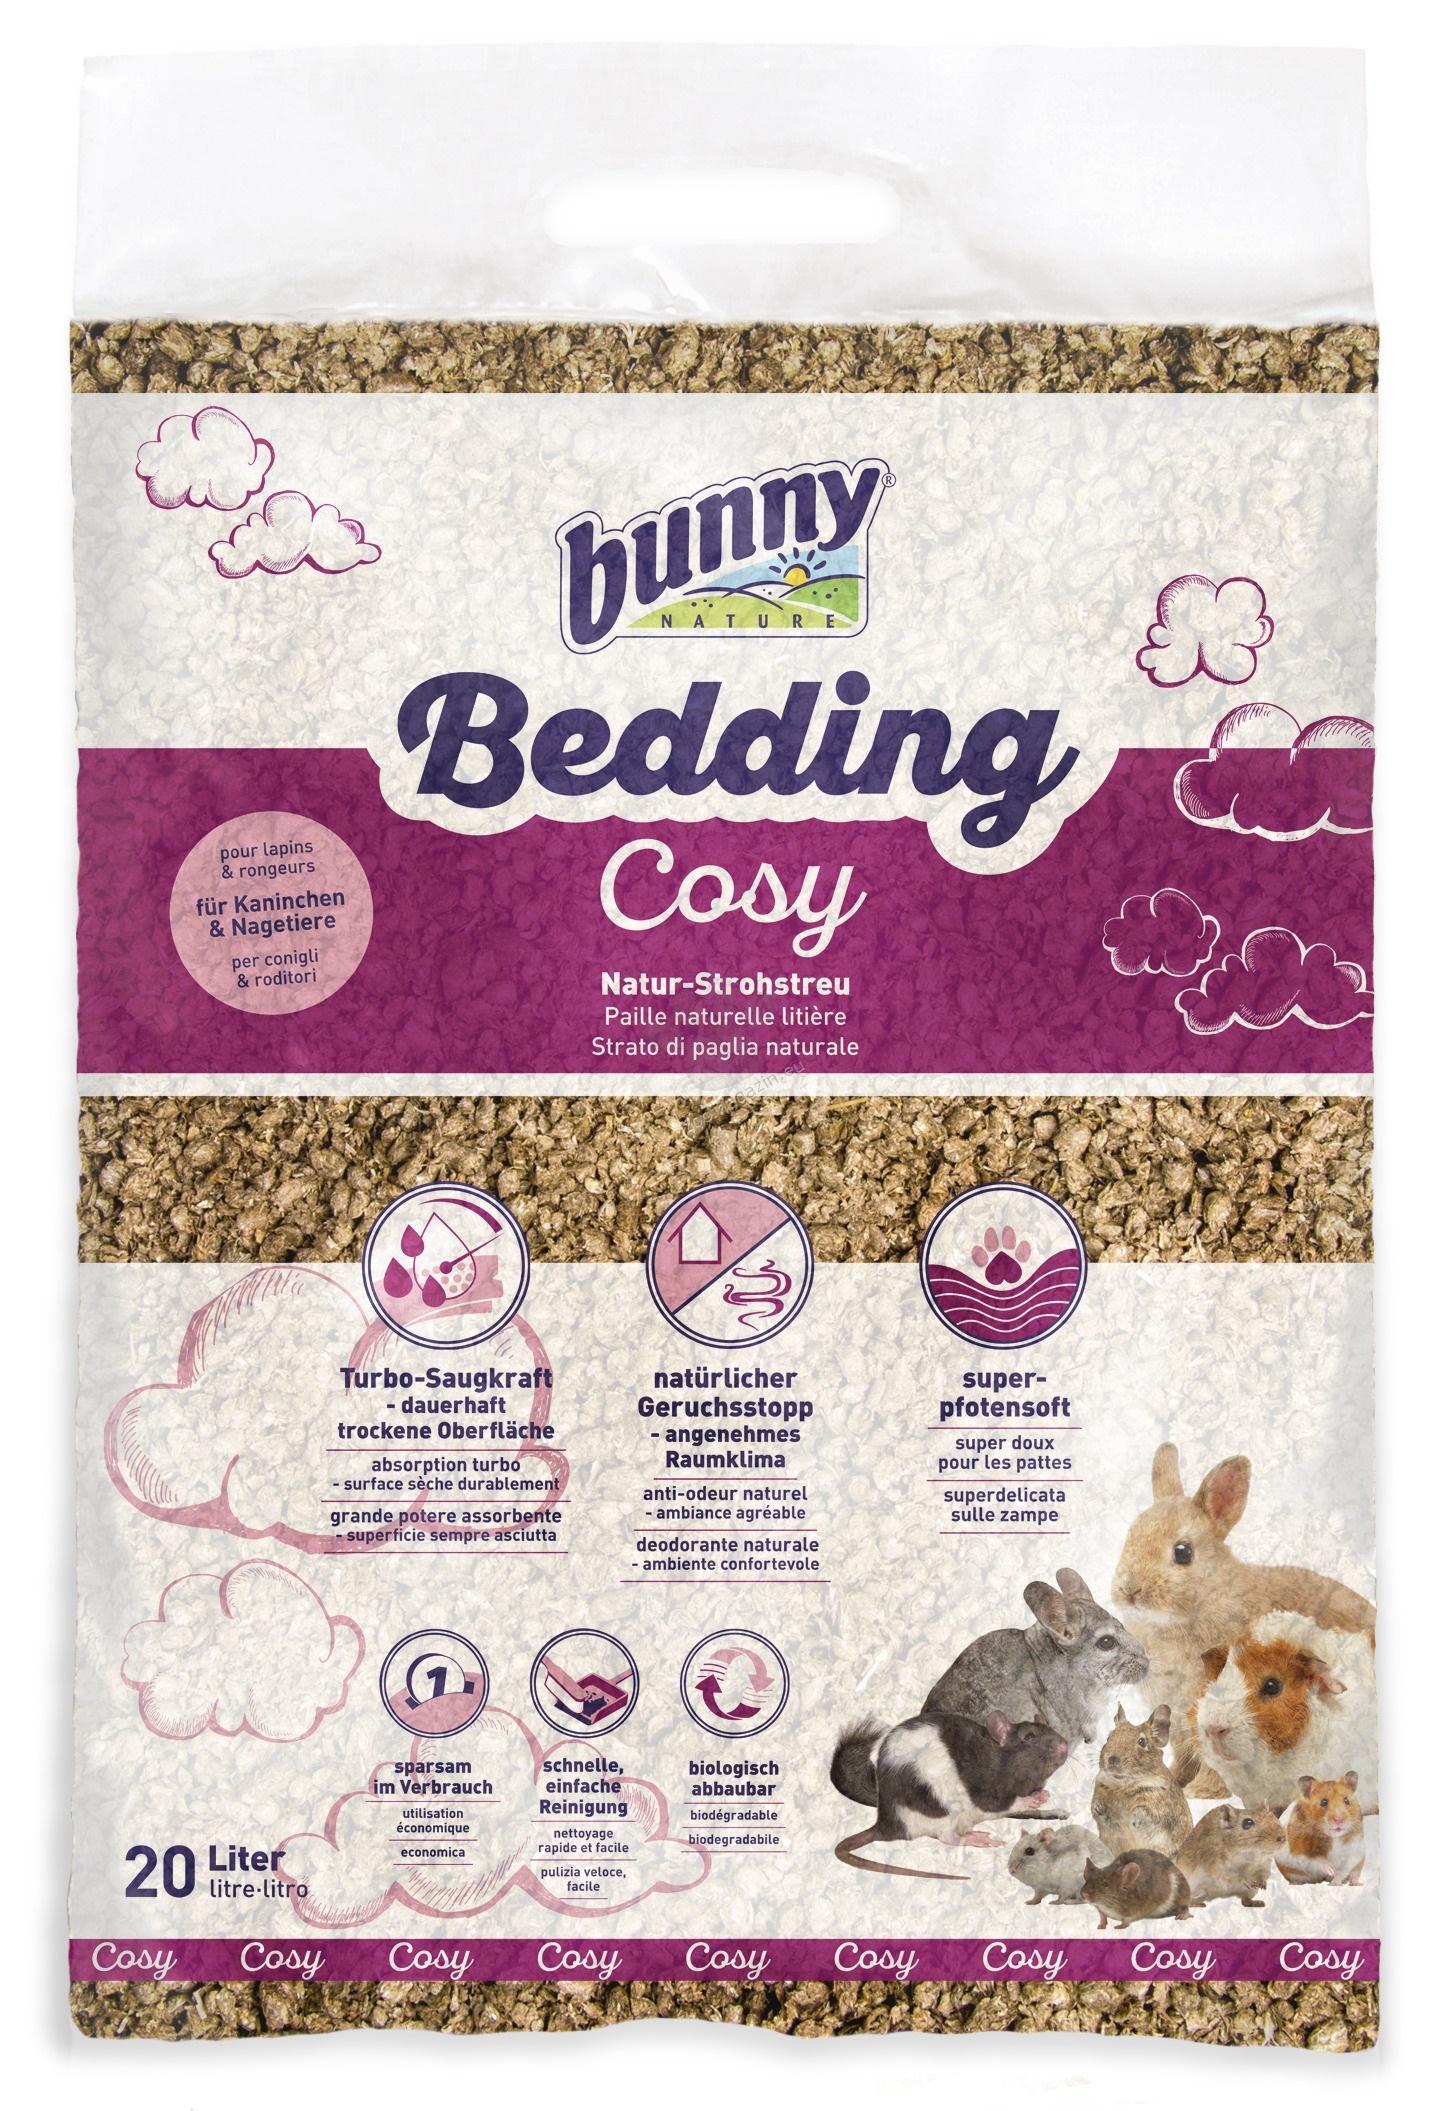 Bunny - Bedding Cosy - турбо абсорбция, запазва суха повърхността 20 литра